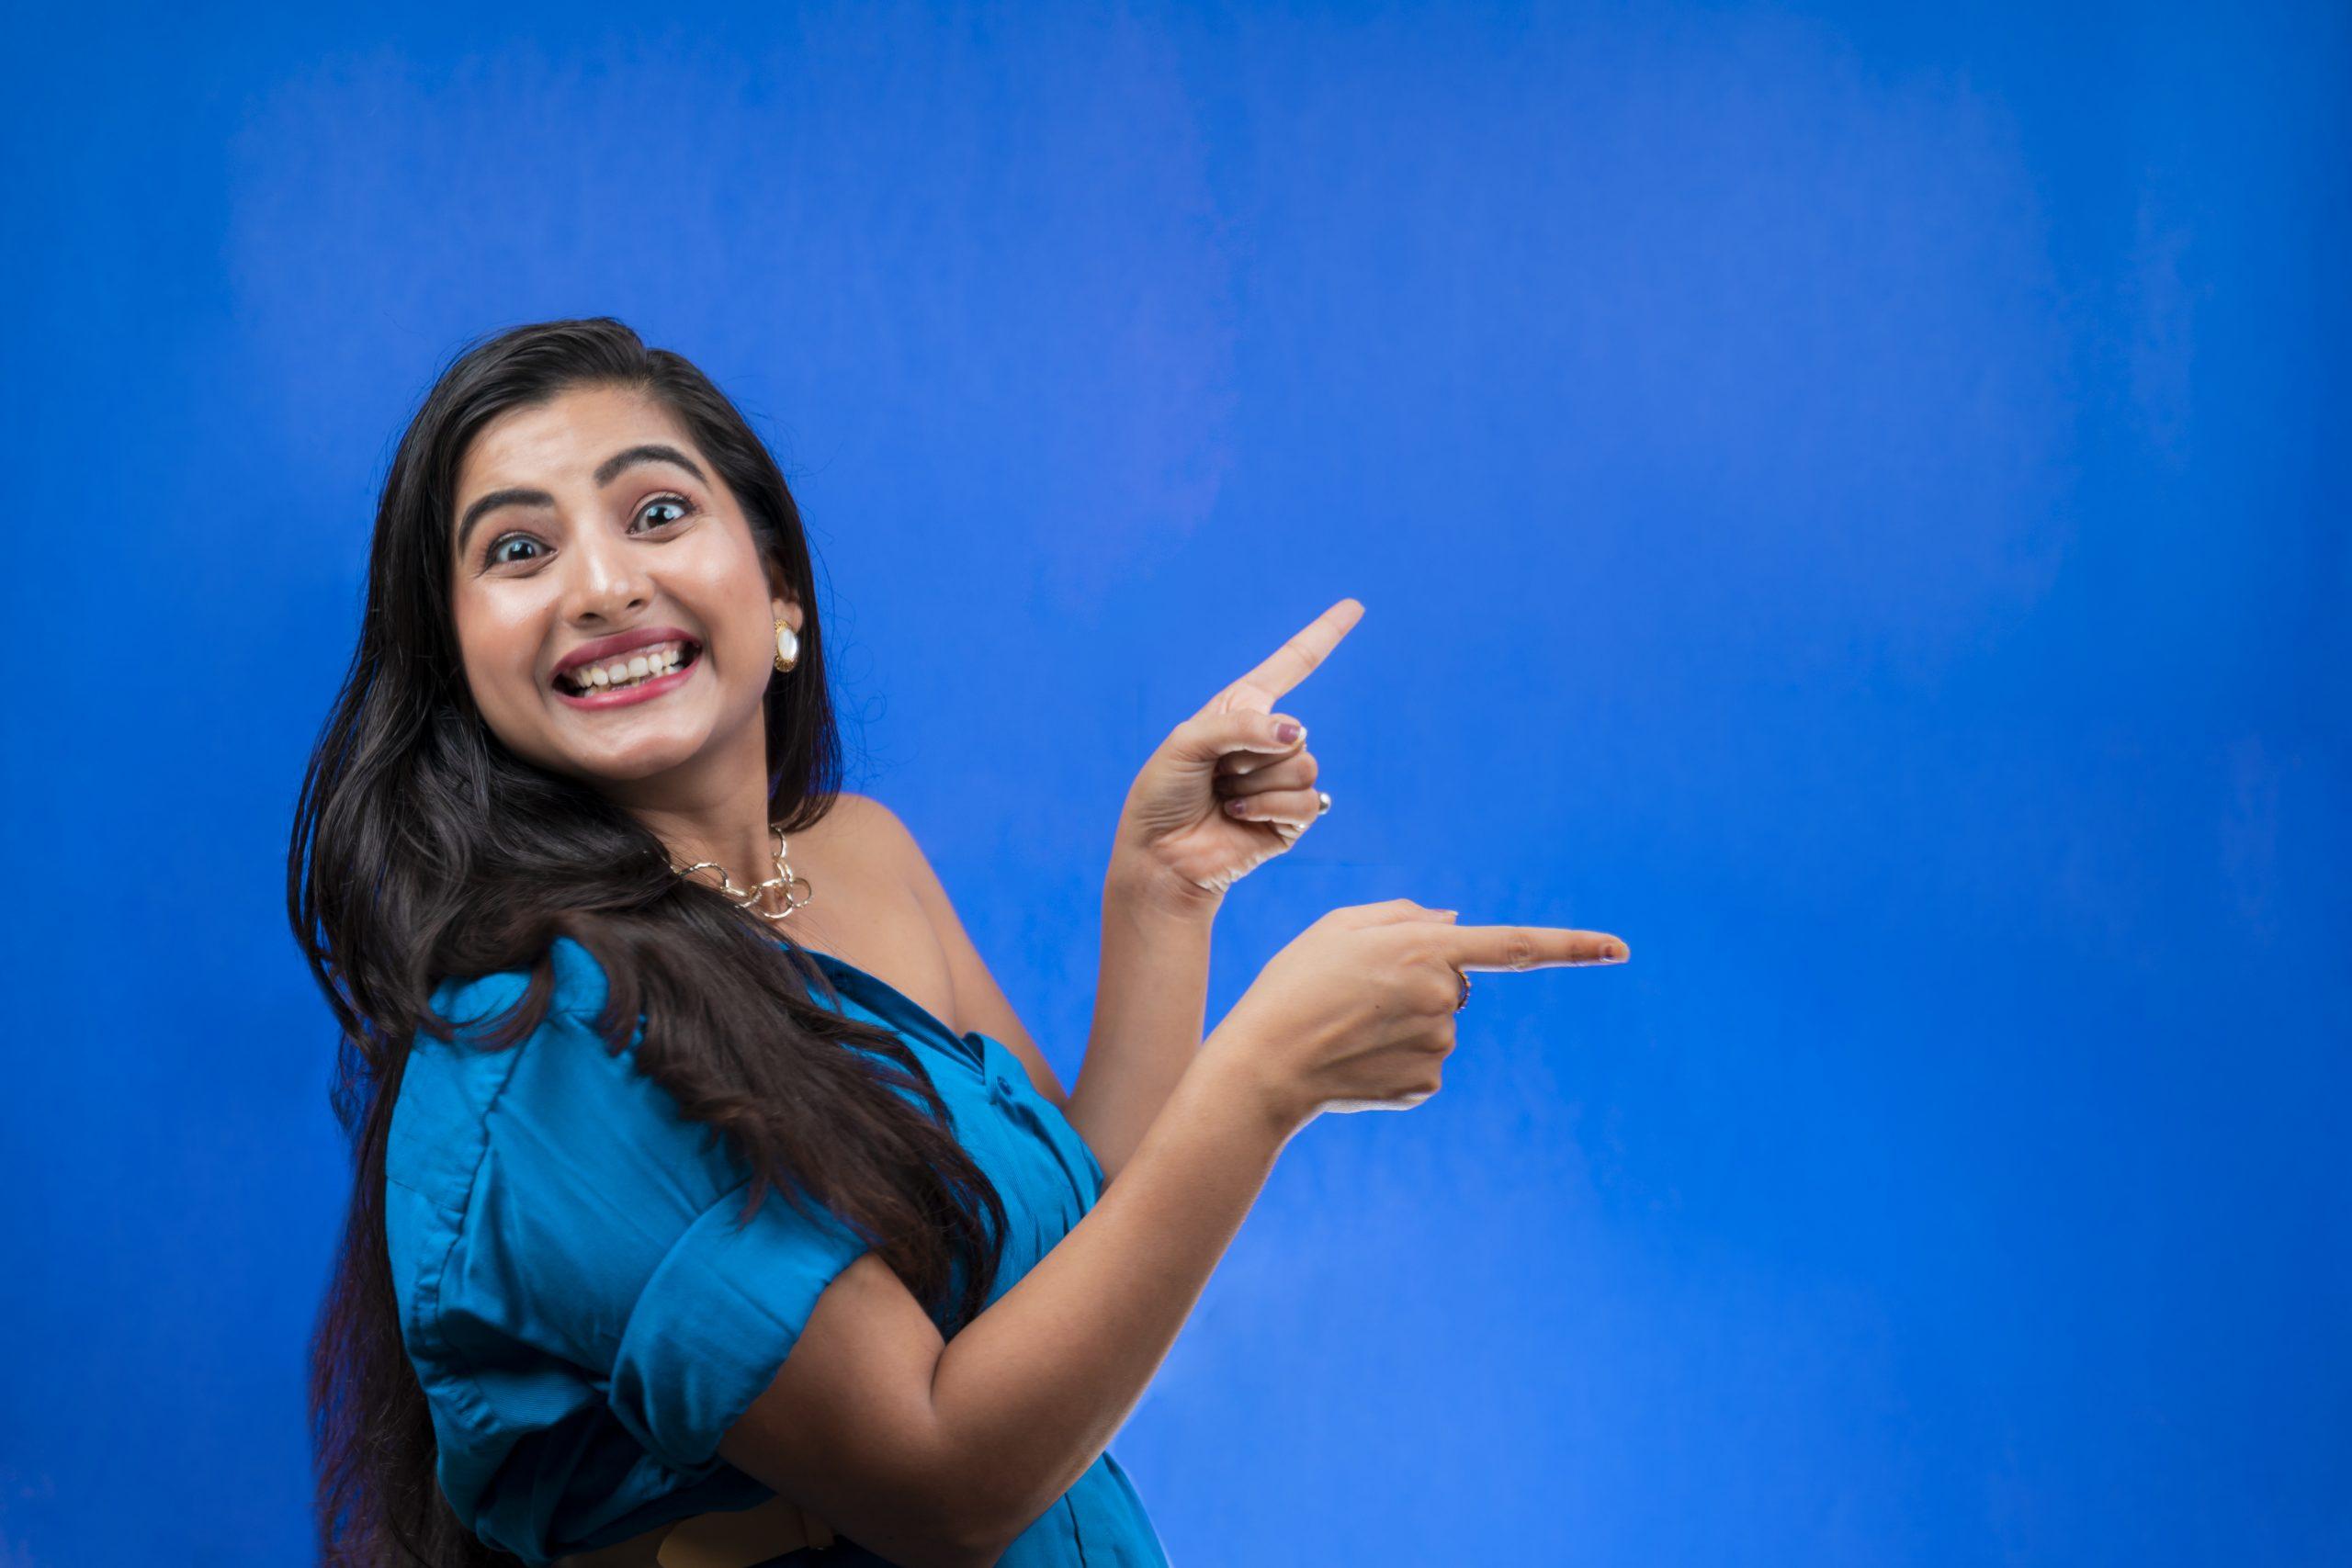 Woman pointing sideways